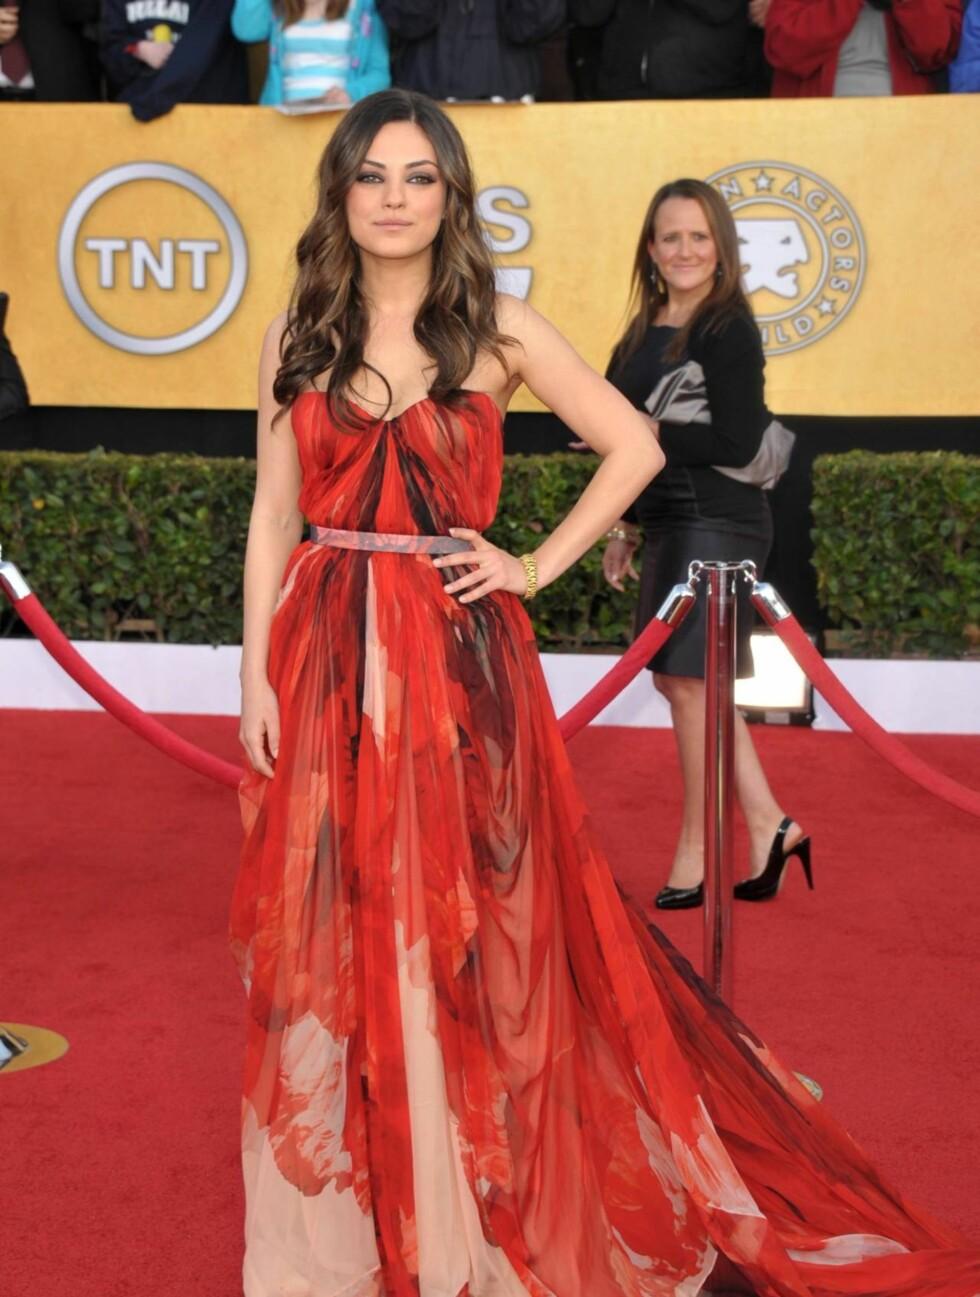 MILA KUNIS: Skuespillerinnen så nydelig ut i denne røde chiffonkjolen fra Alexander McQueen. Kunis bar også et lekkert armbånd fra Cartier.  Foto: All Over Press